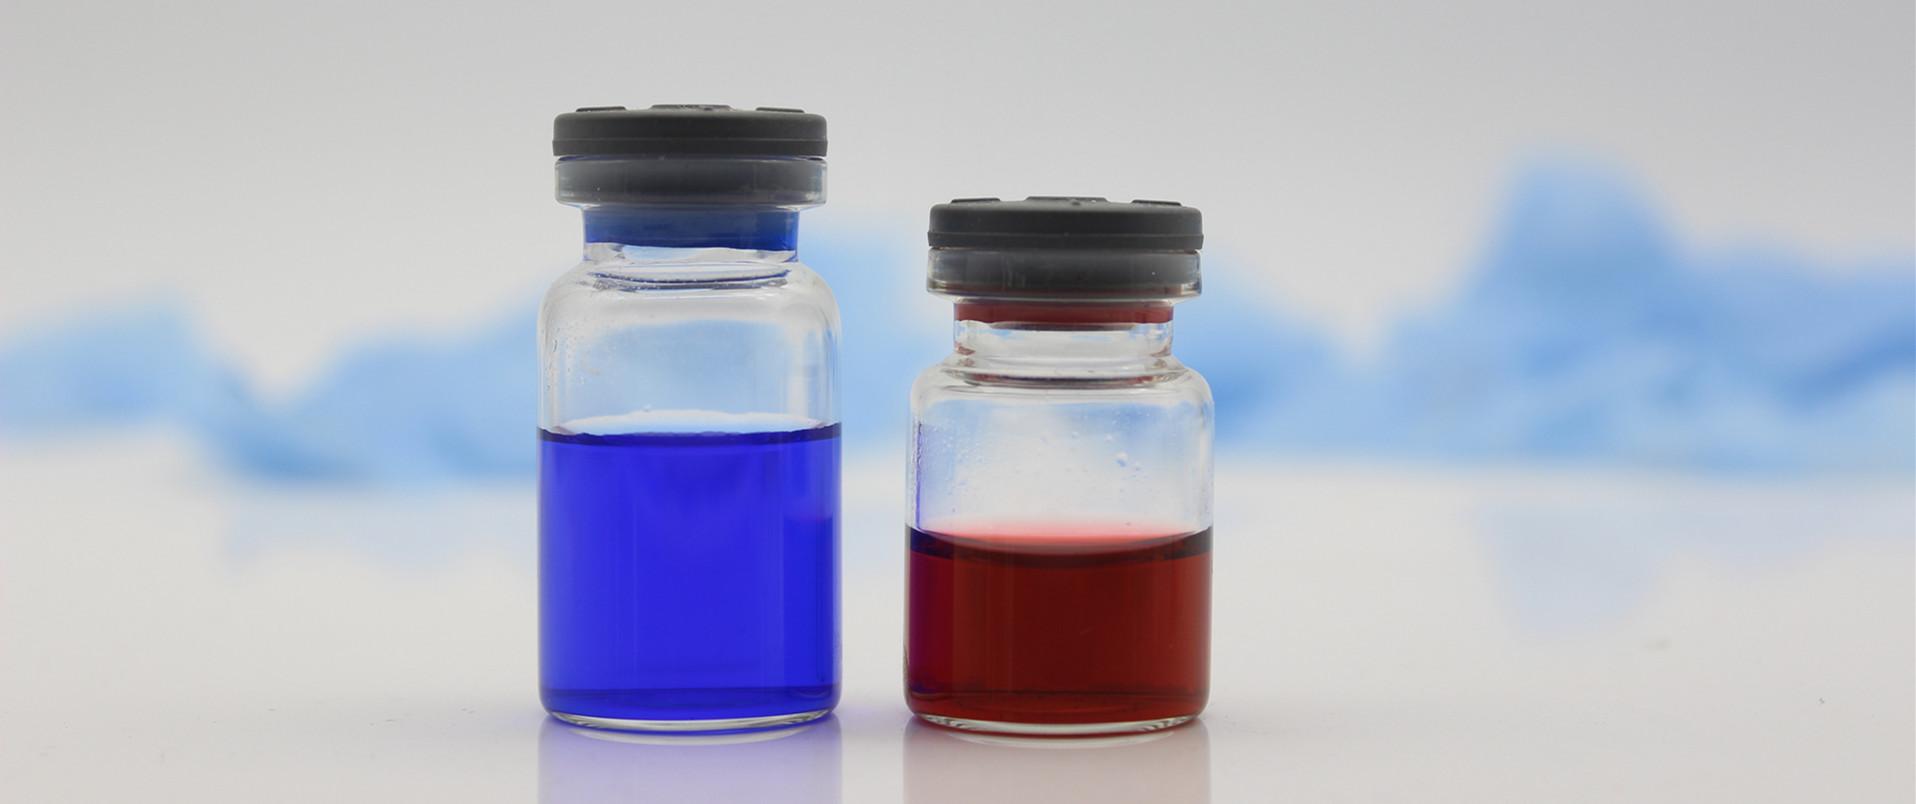 Sterile vials fller